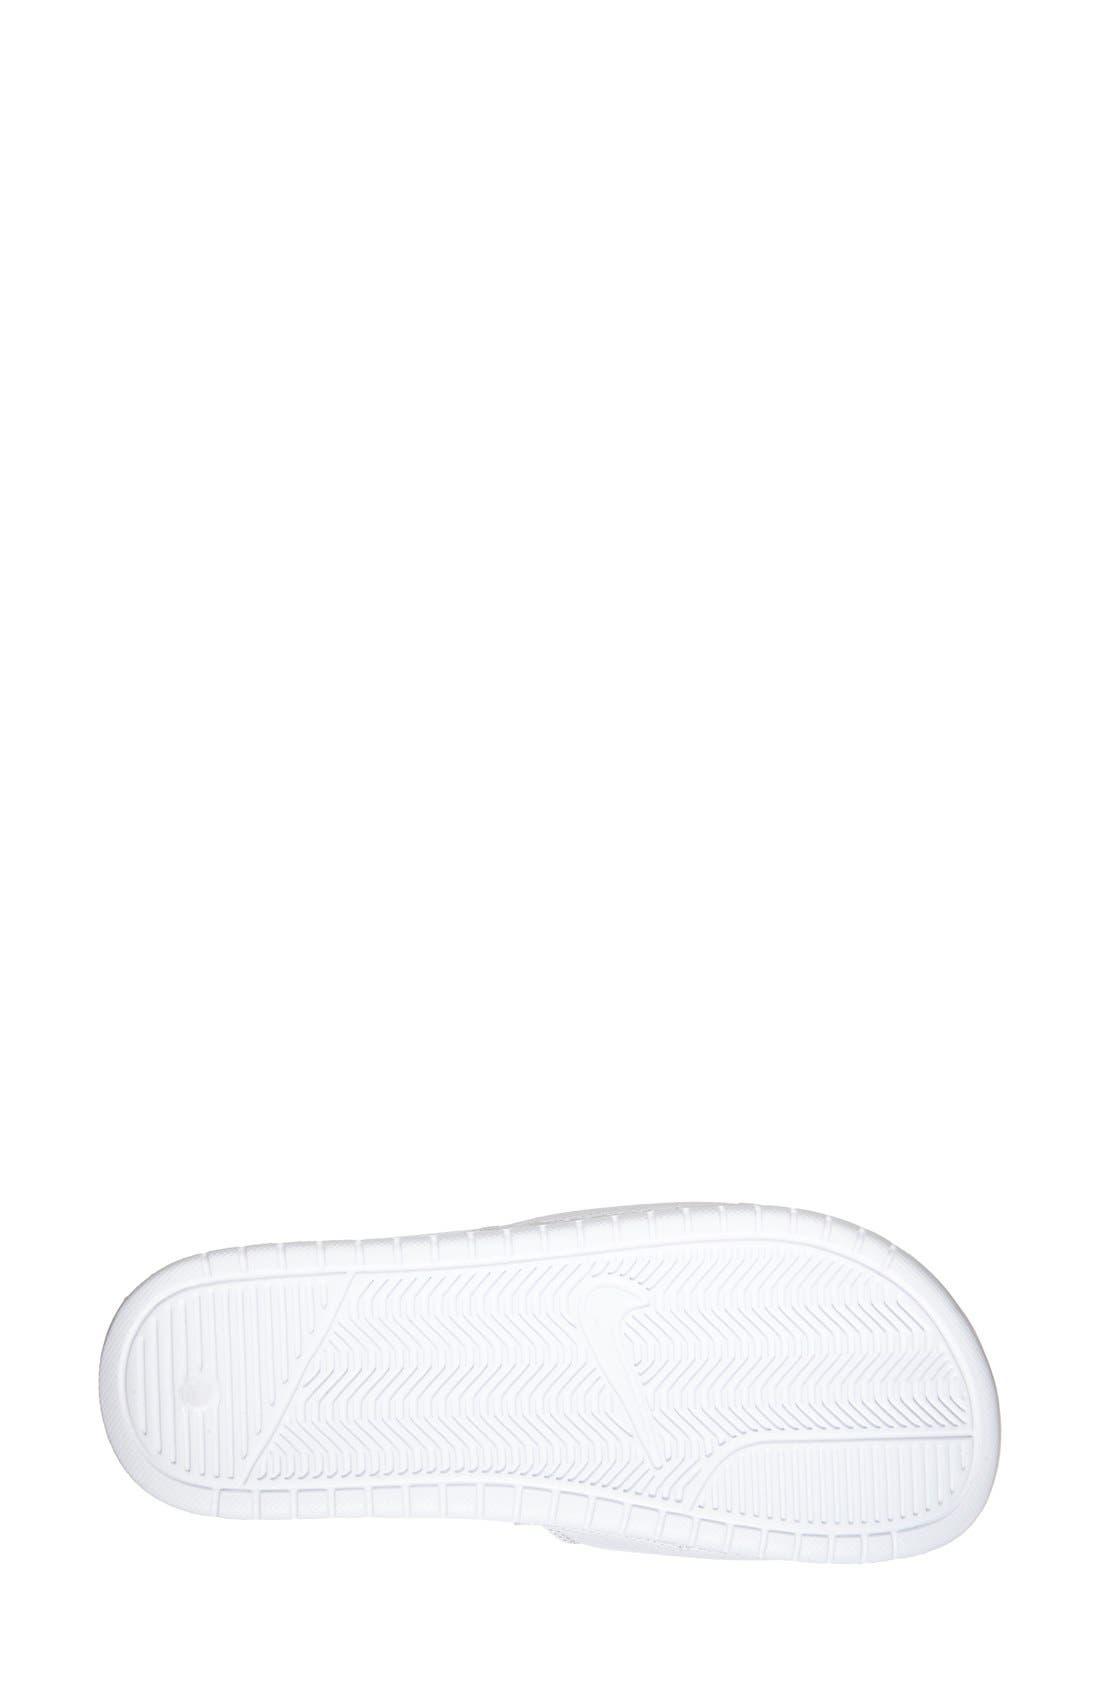 Alternate Image 3  - Nike 'Benassi - Just Do It' Slide Sandal (Women)